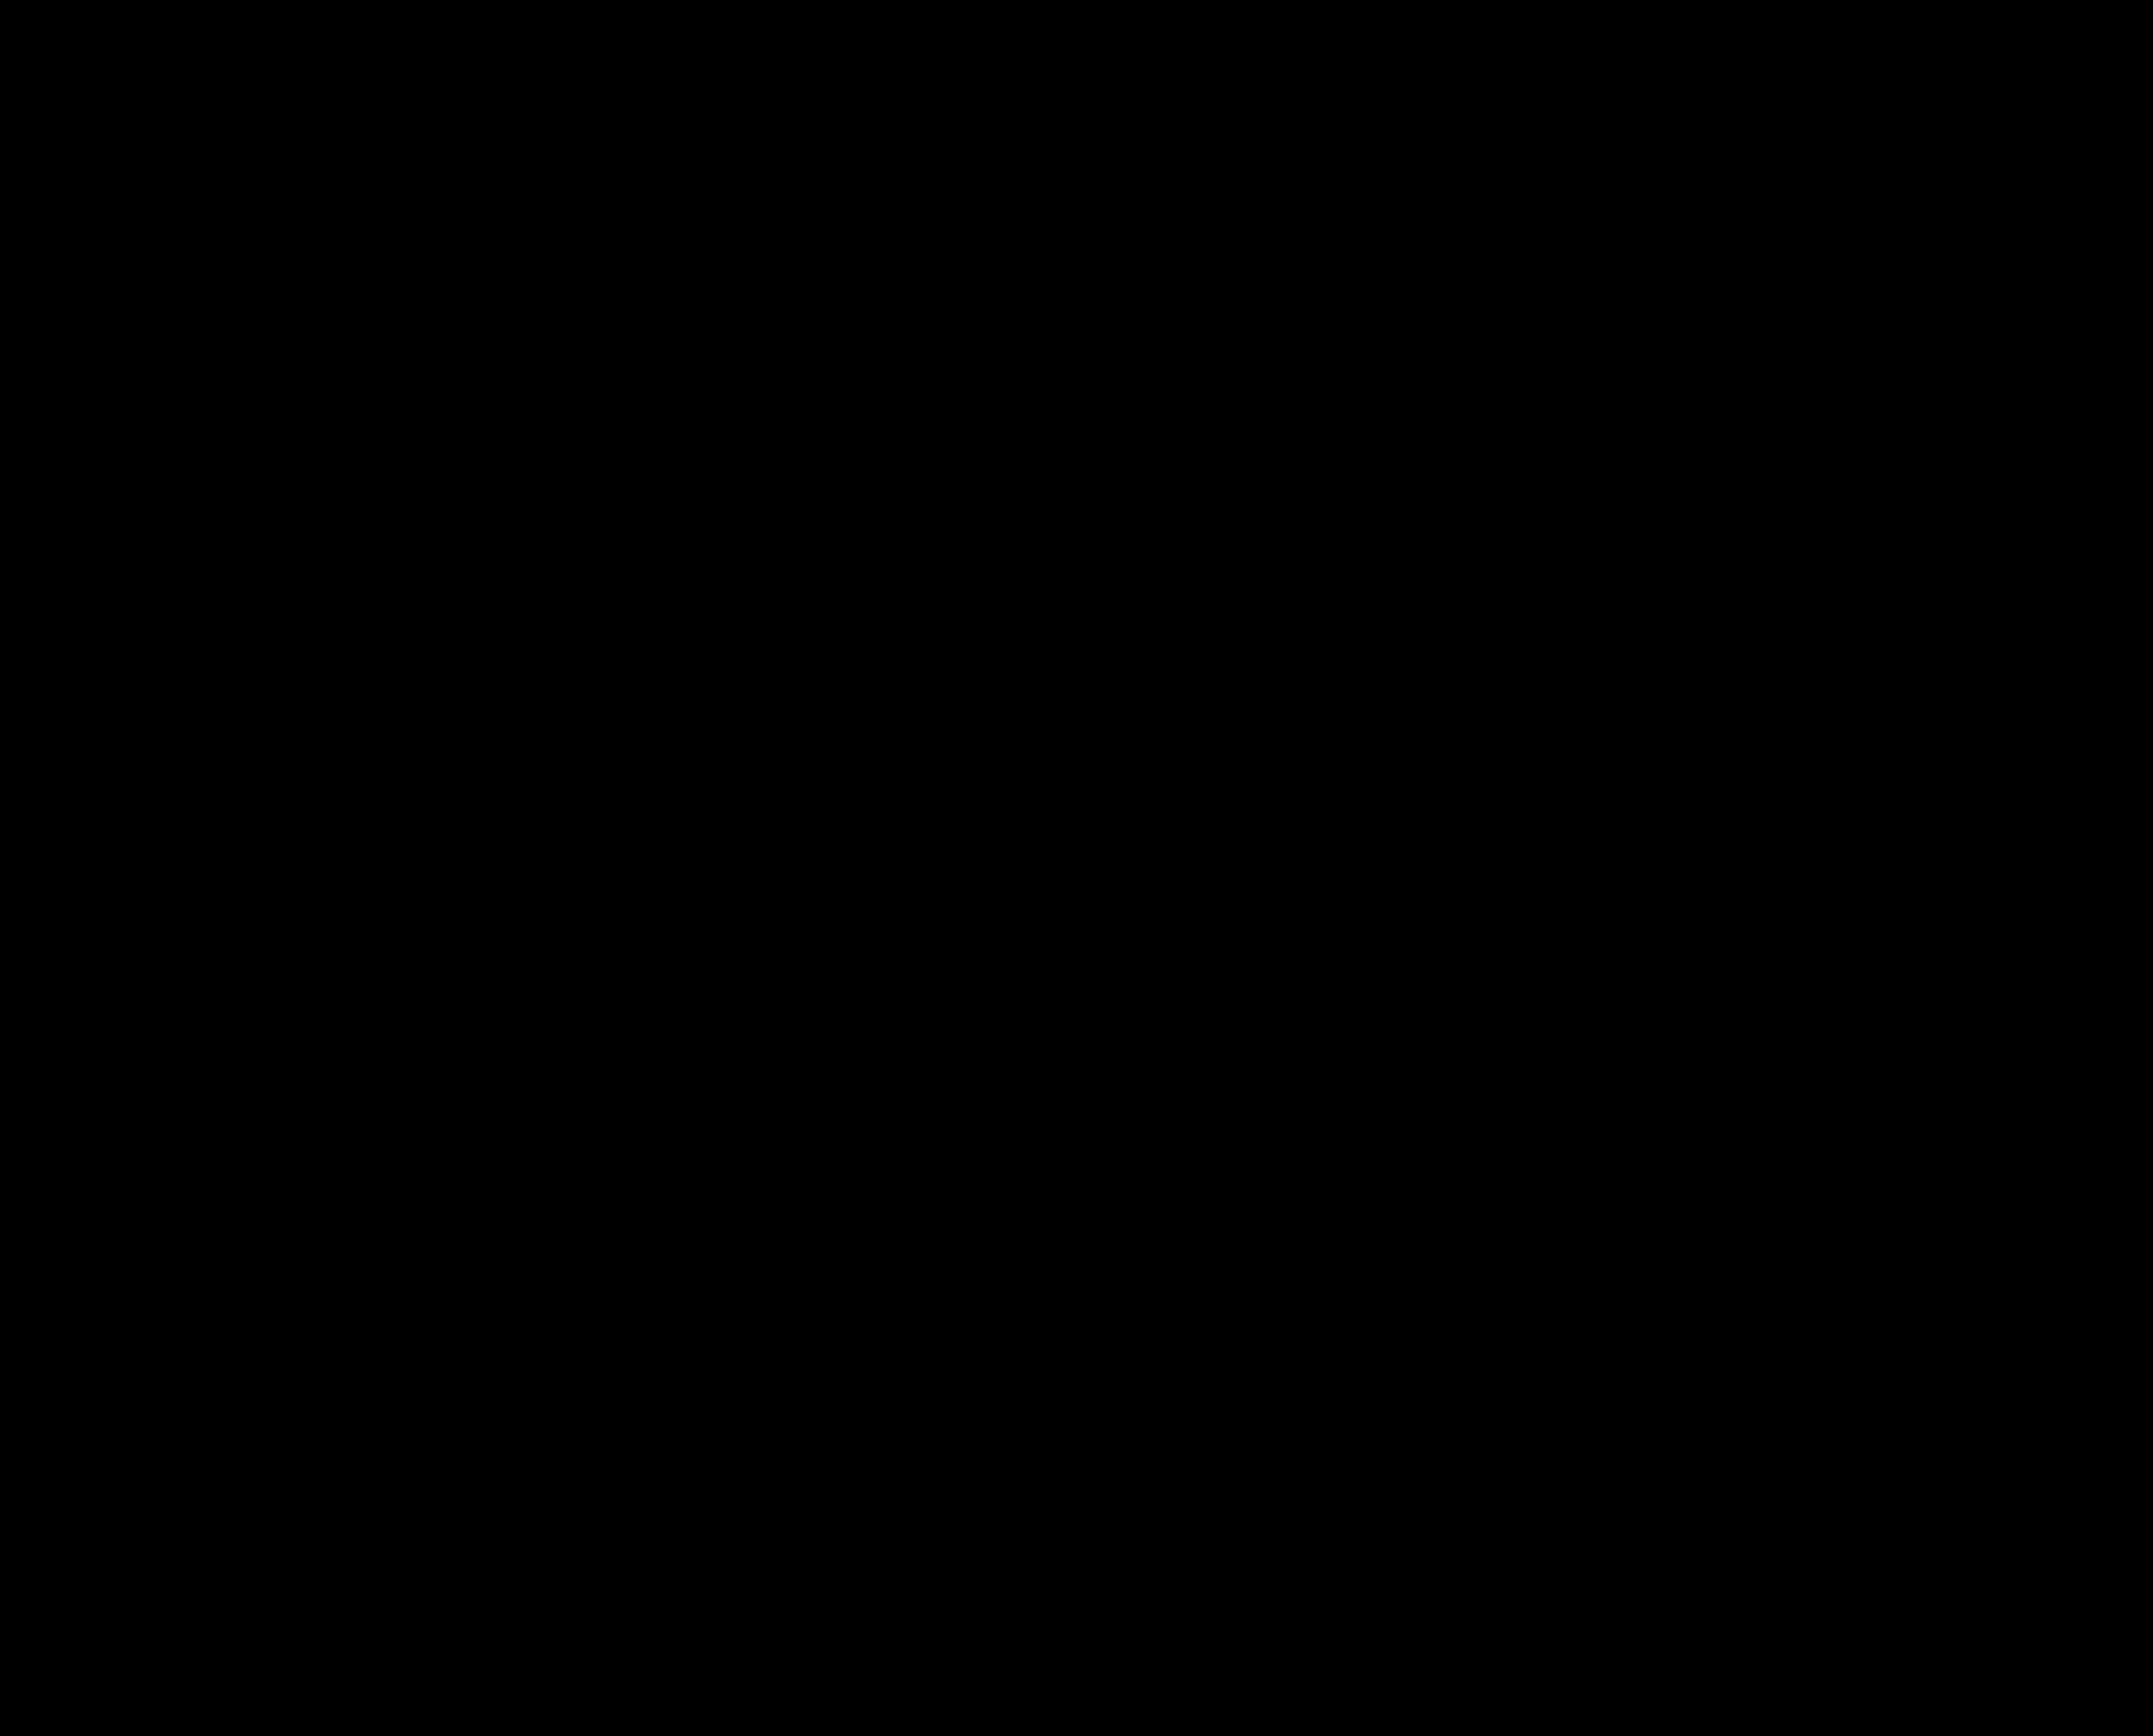 BS logo black 25-3.png